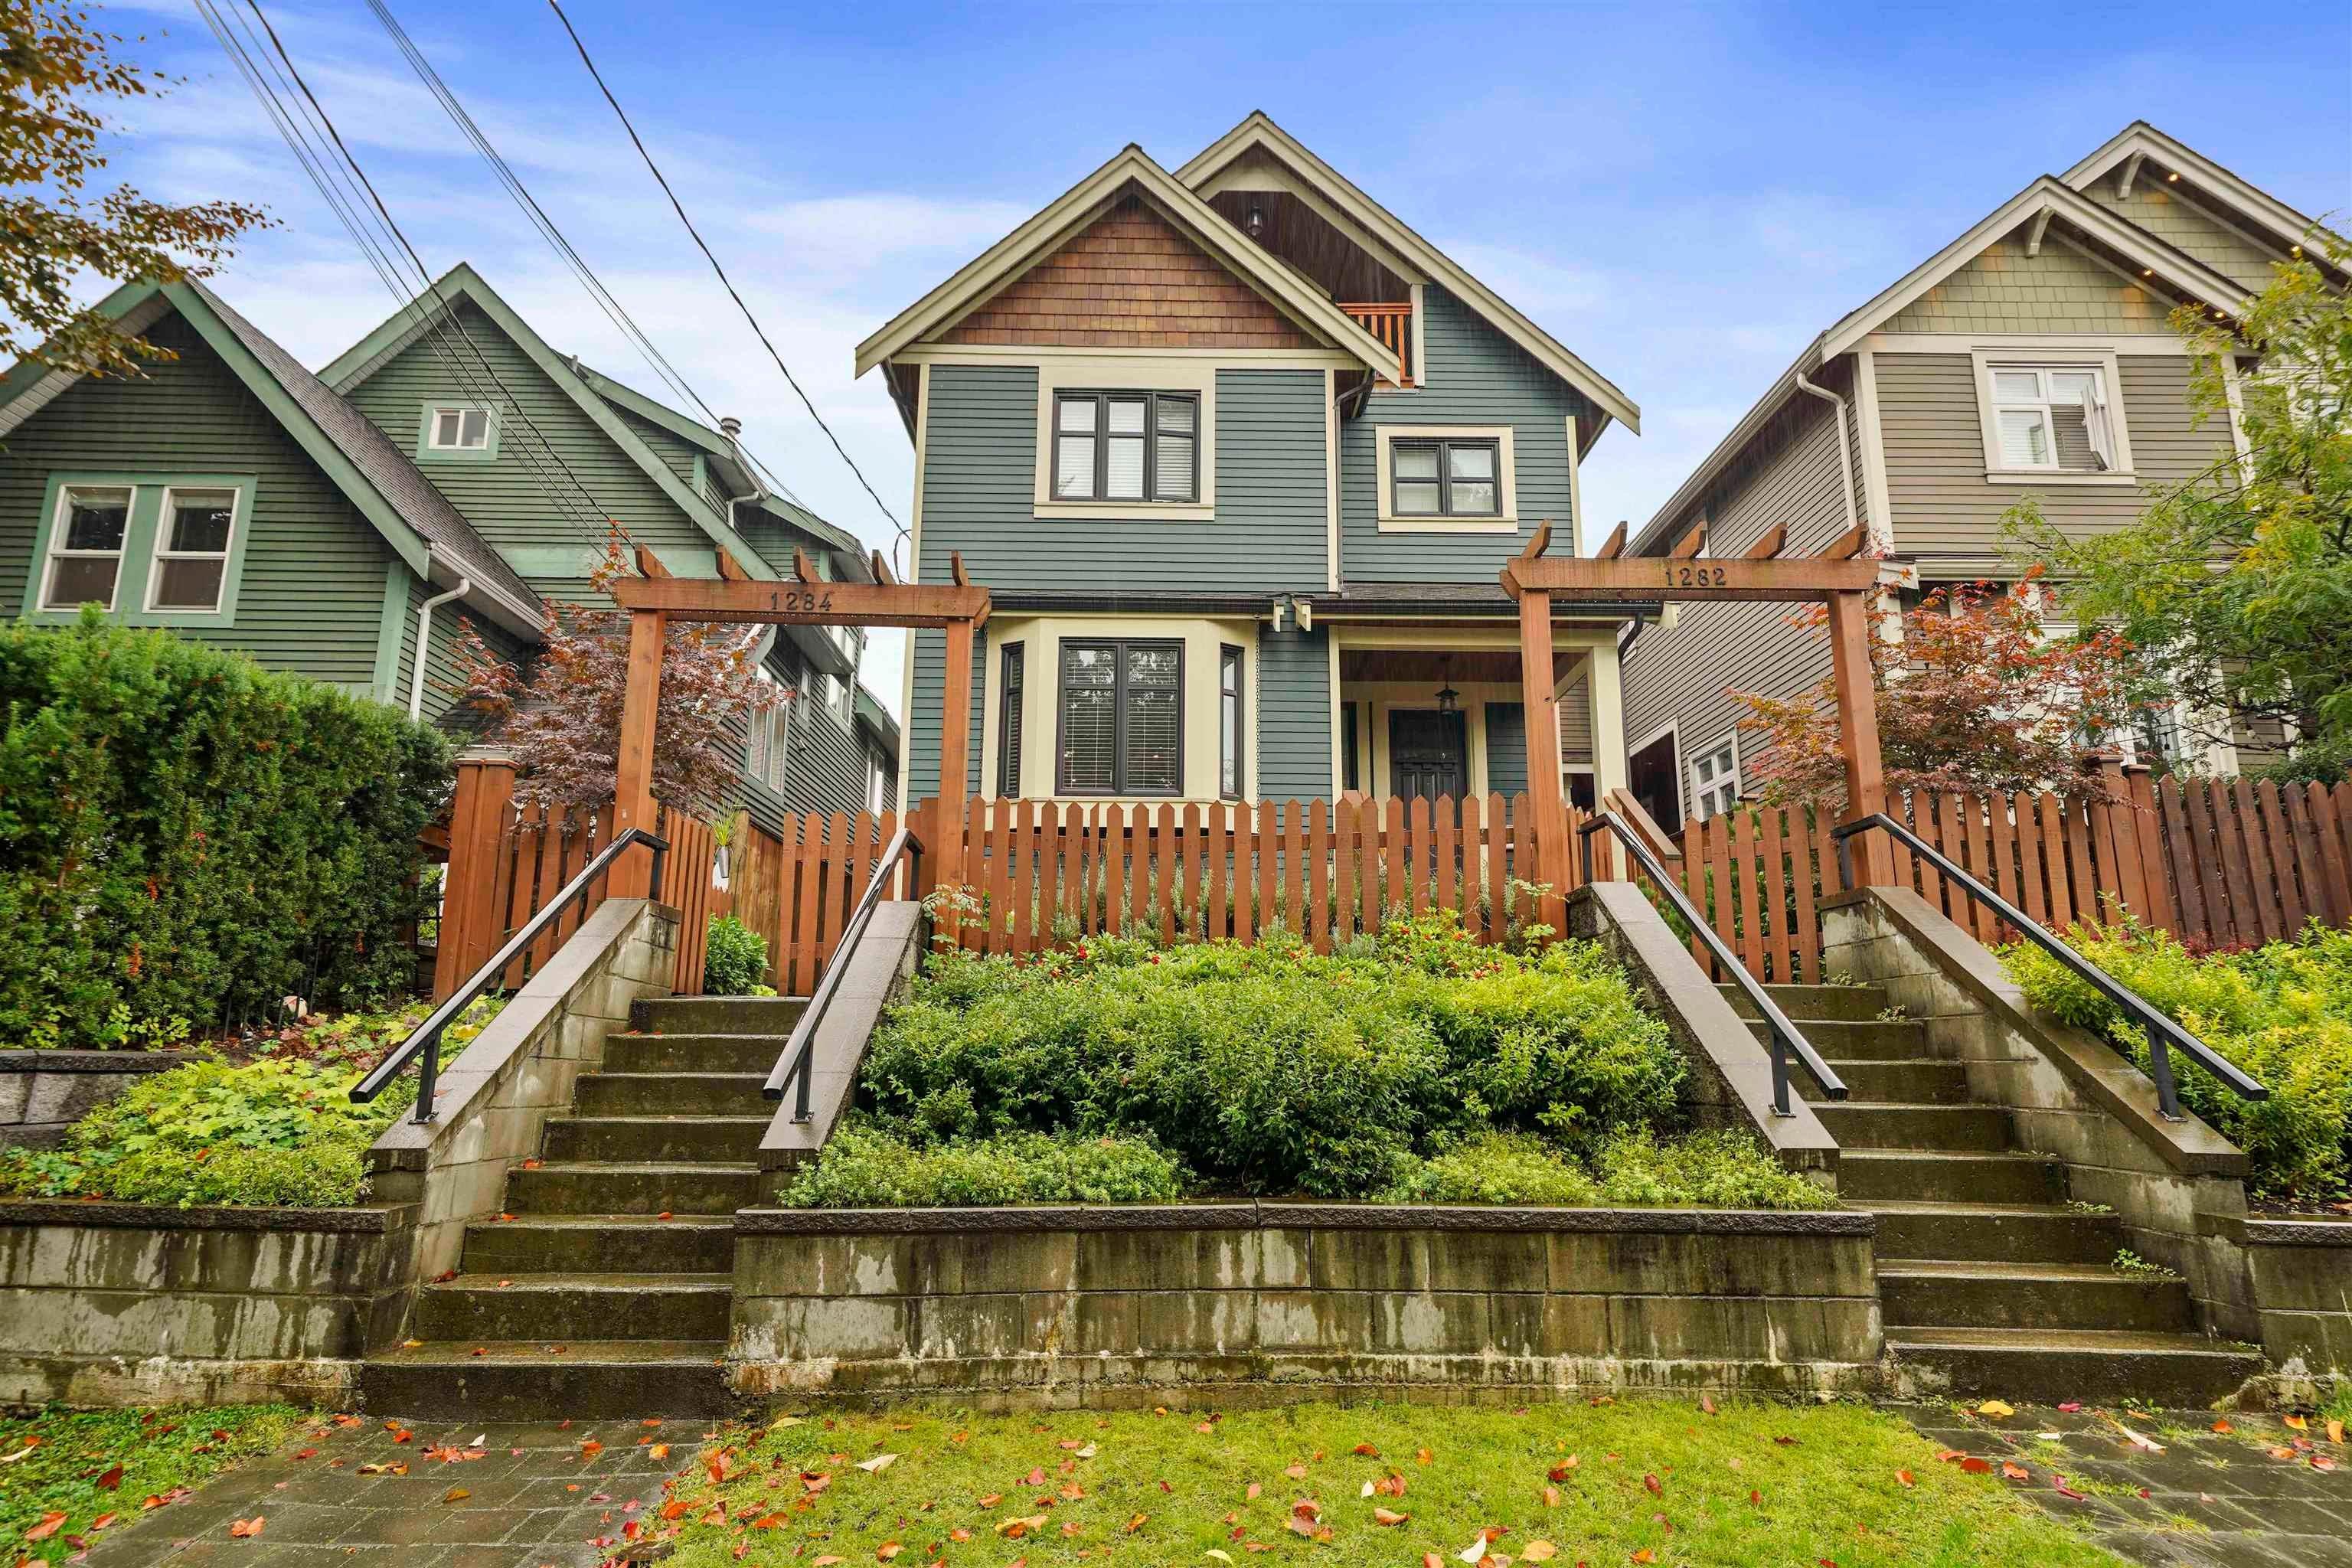 1284 E 14TH AVENUE - Mount Pleasant VE 1/2 Duplex for sale, 4 Bedrooms (R2623607) - #1